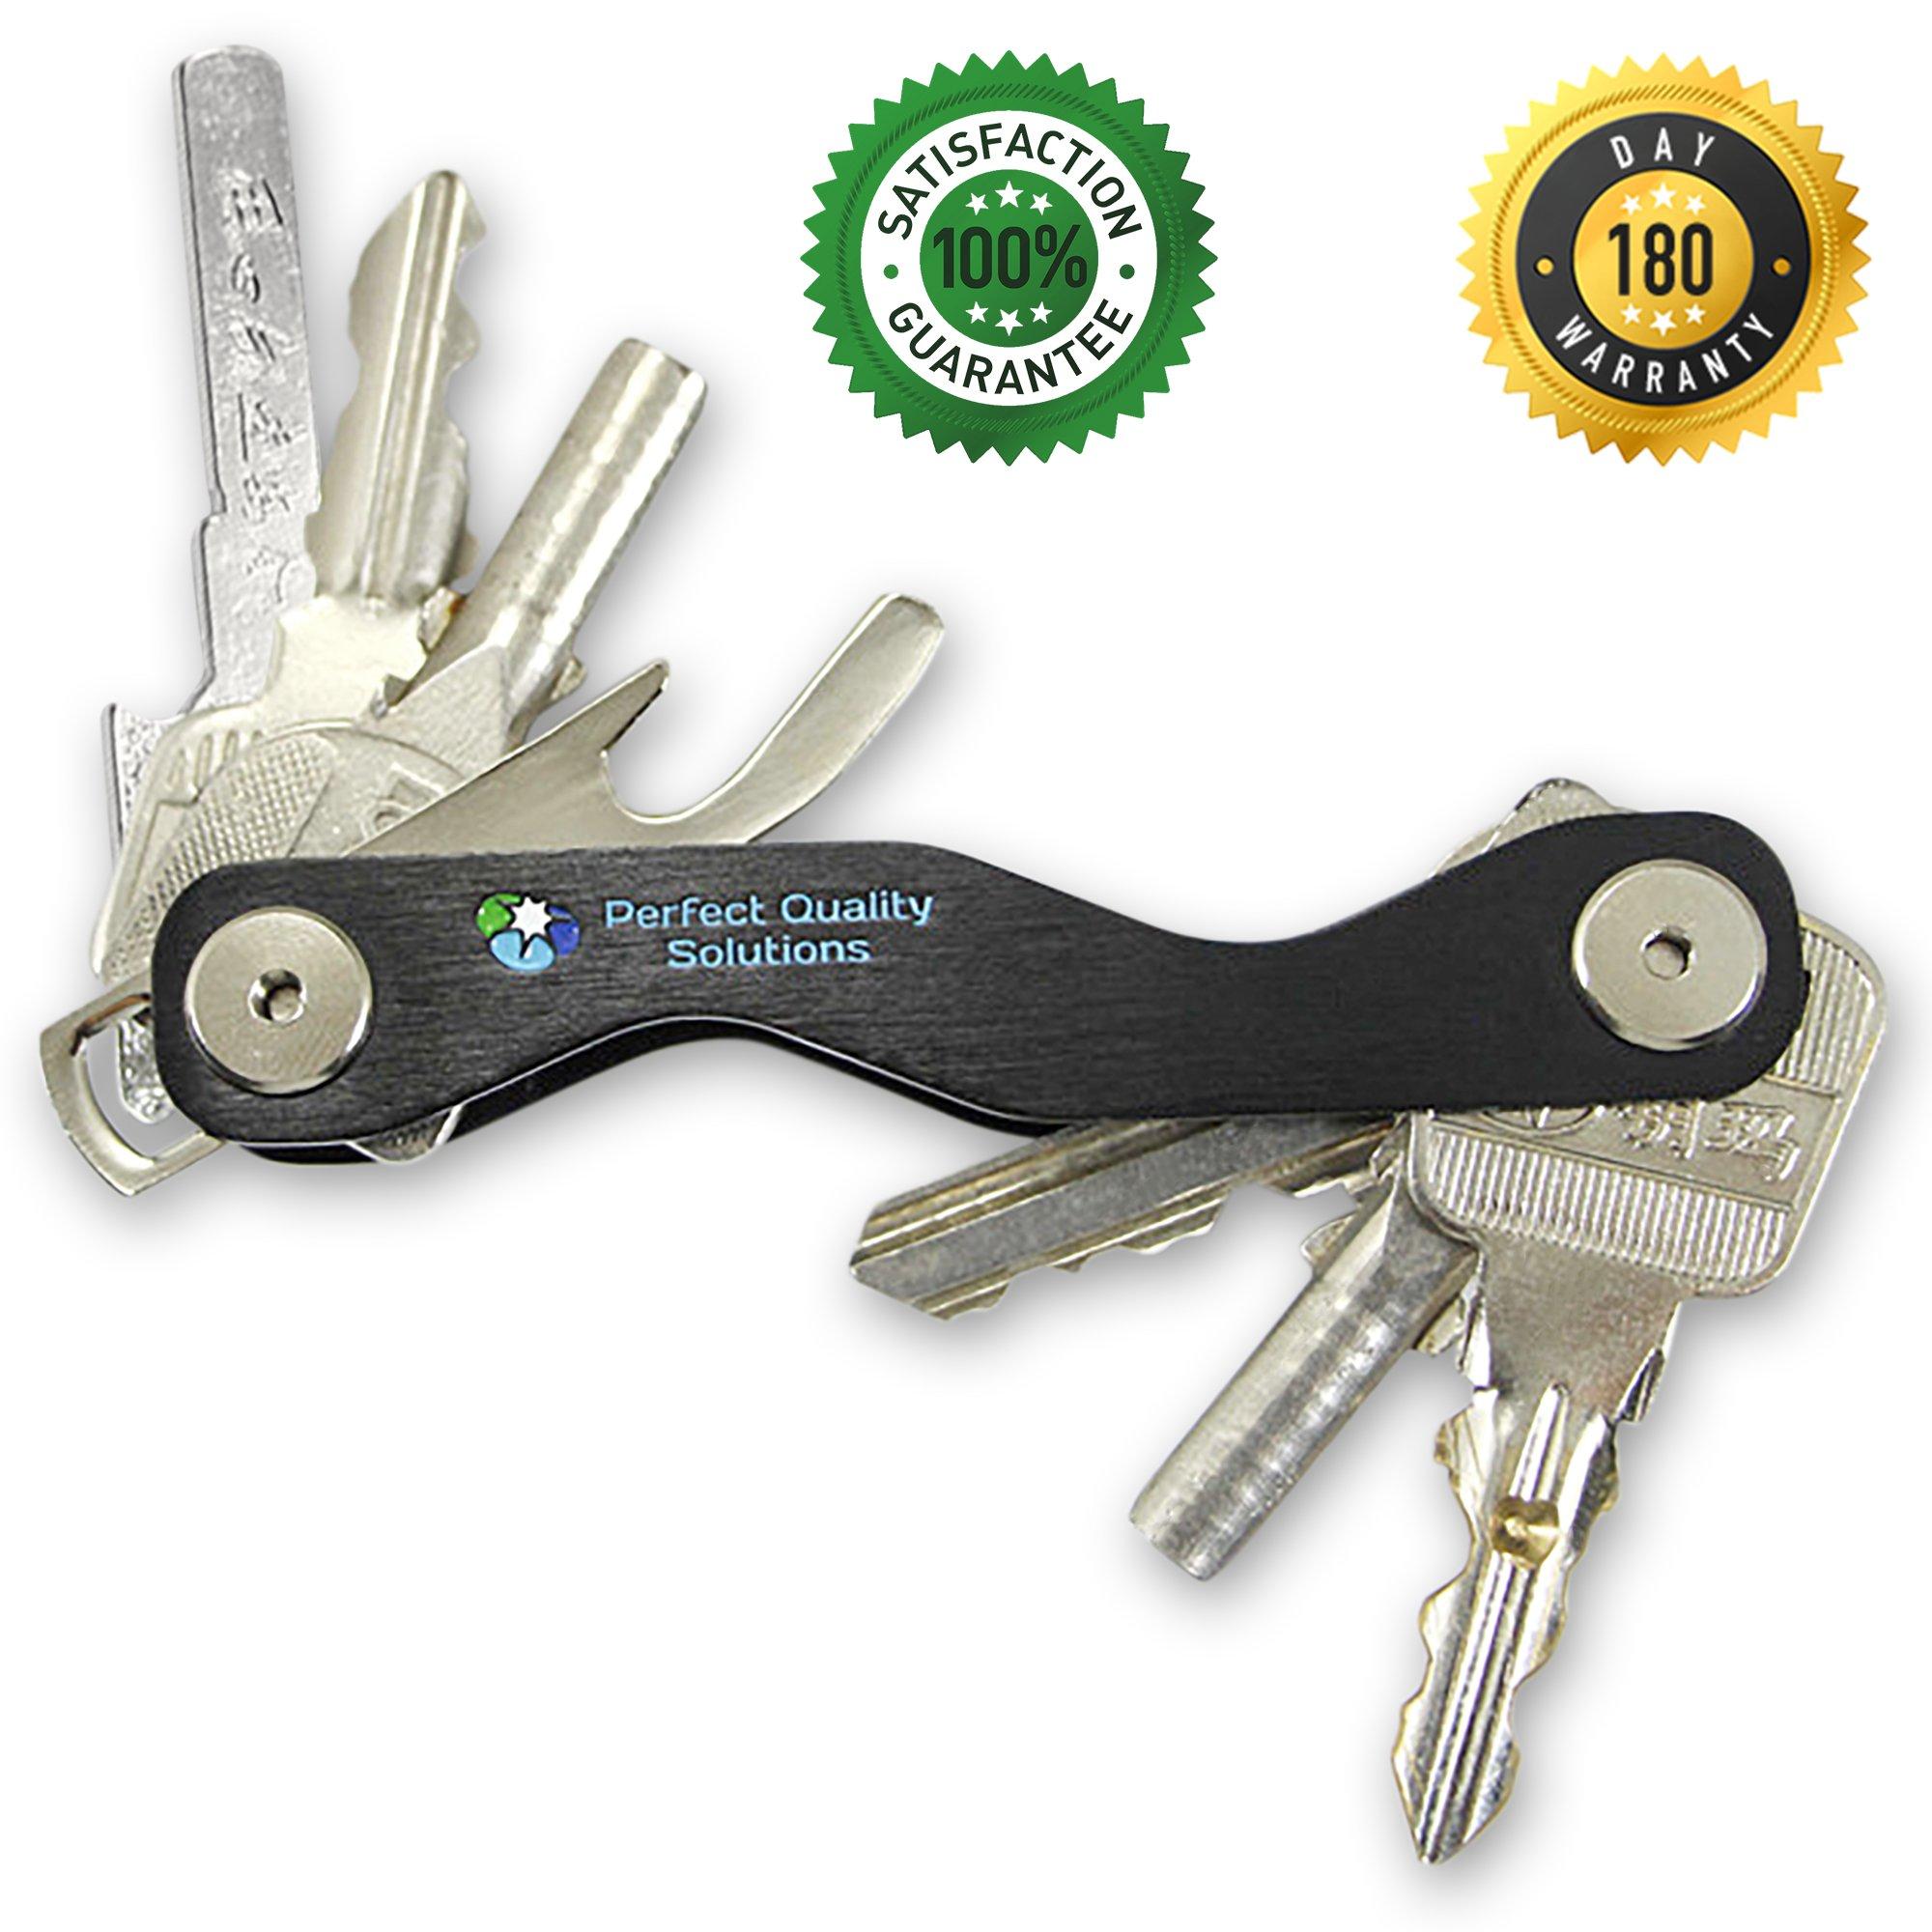 Heavy Duty Car Keychain Key Holder Business Bottle Opener Ring Gift Smart #HA2